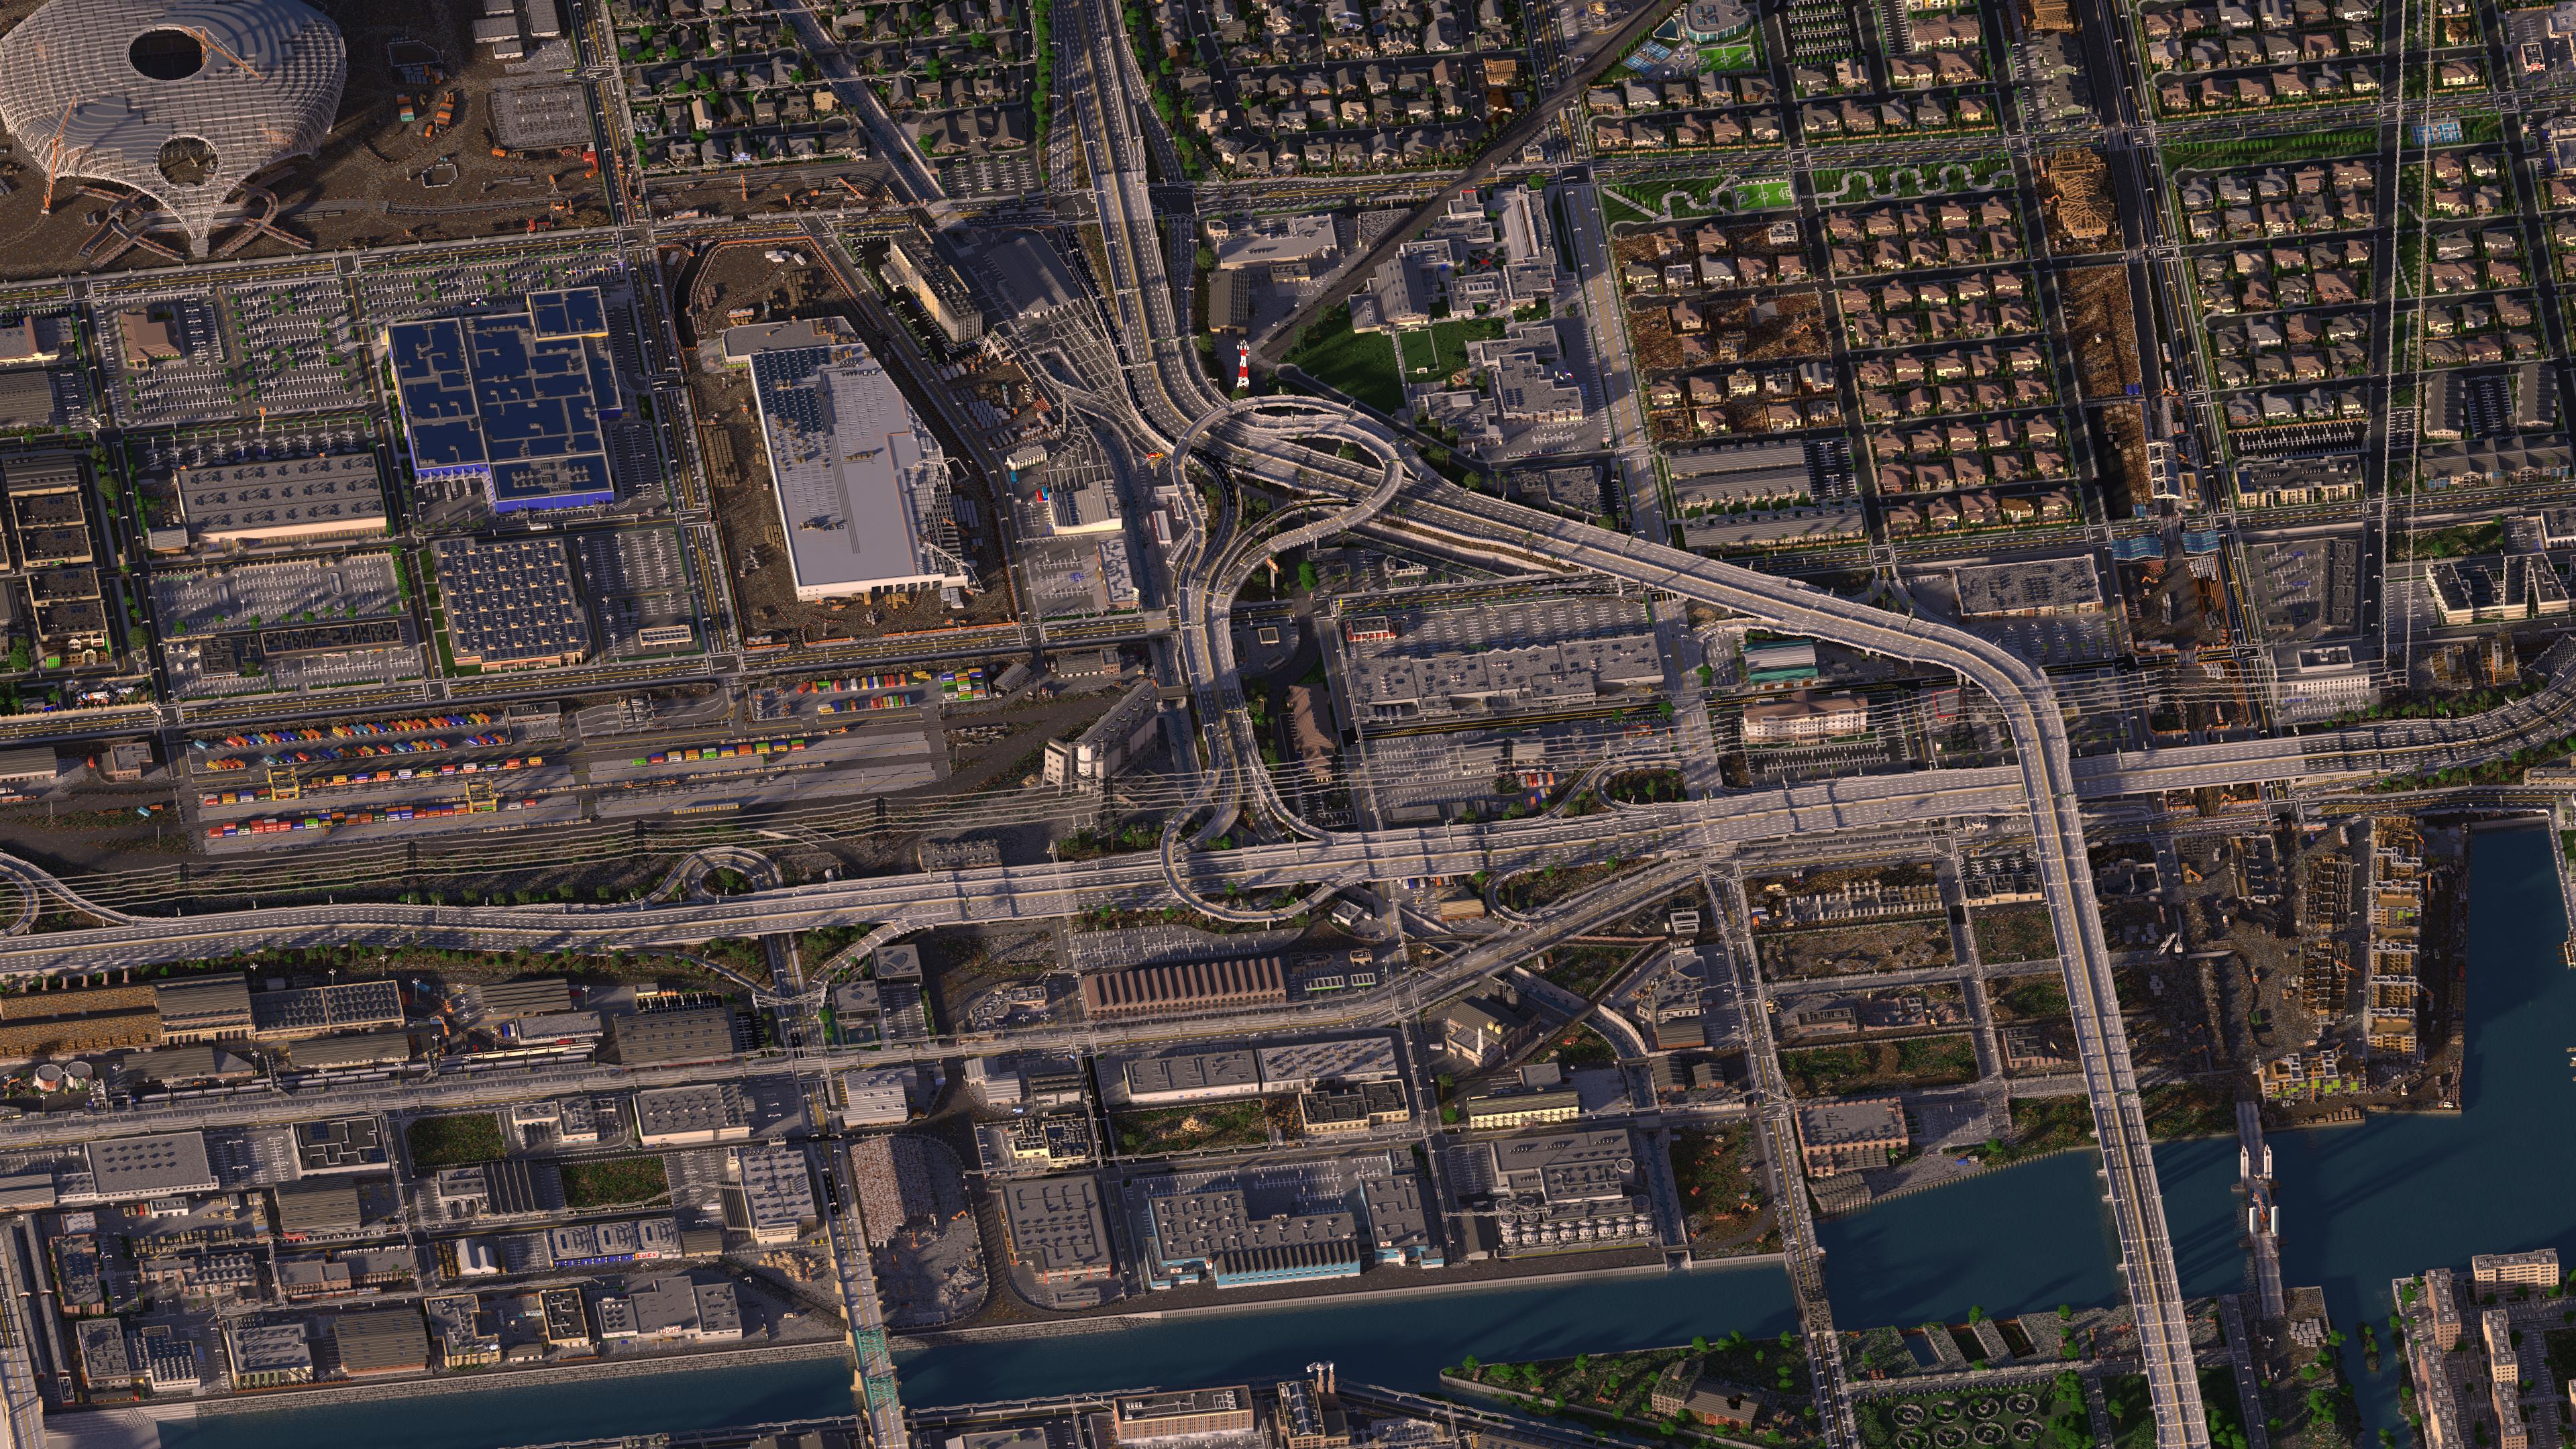 Инфрастуктура самого большого города Minecraft с высоты птичьего полета